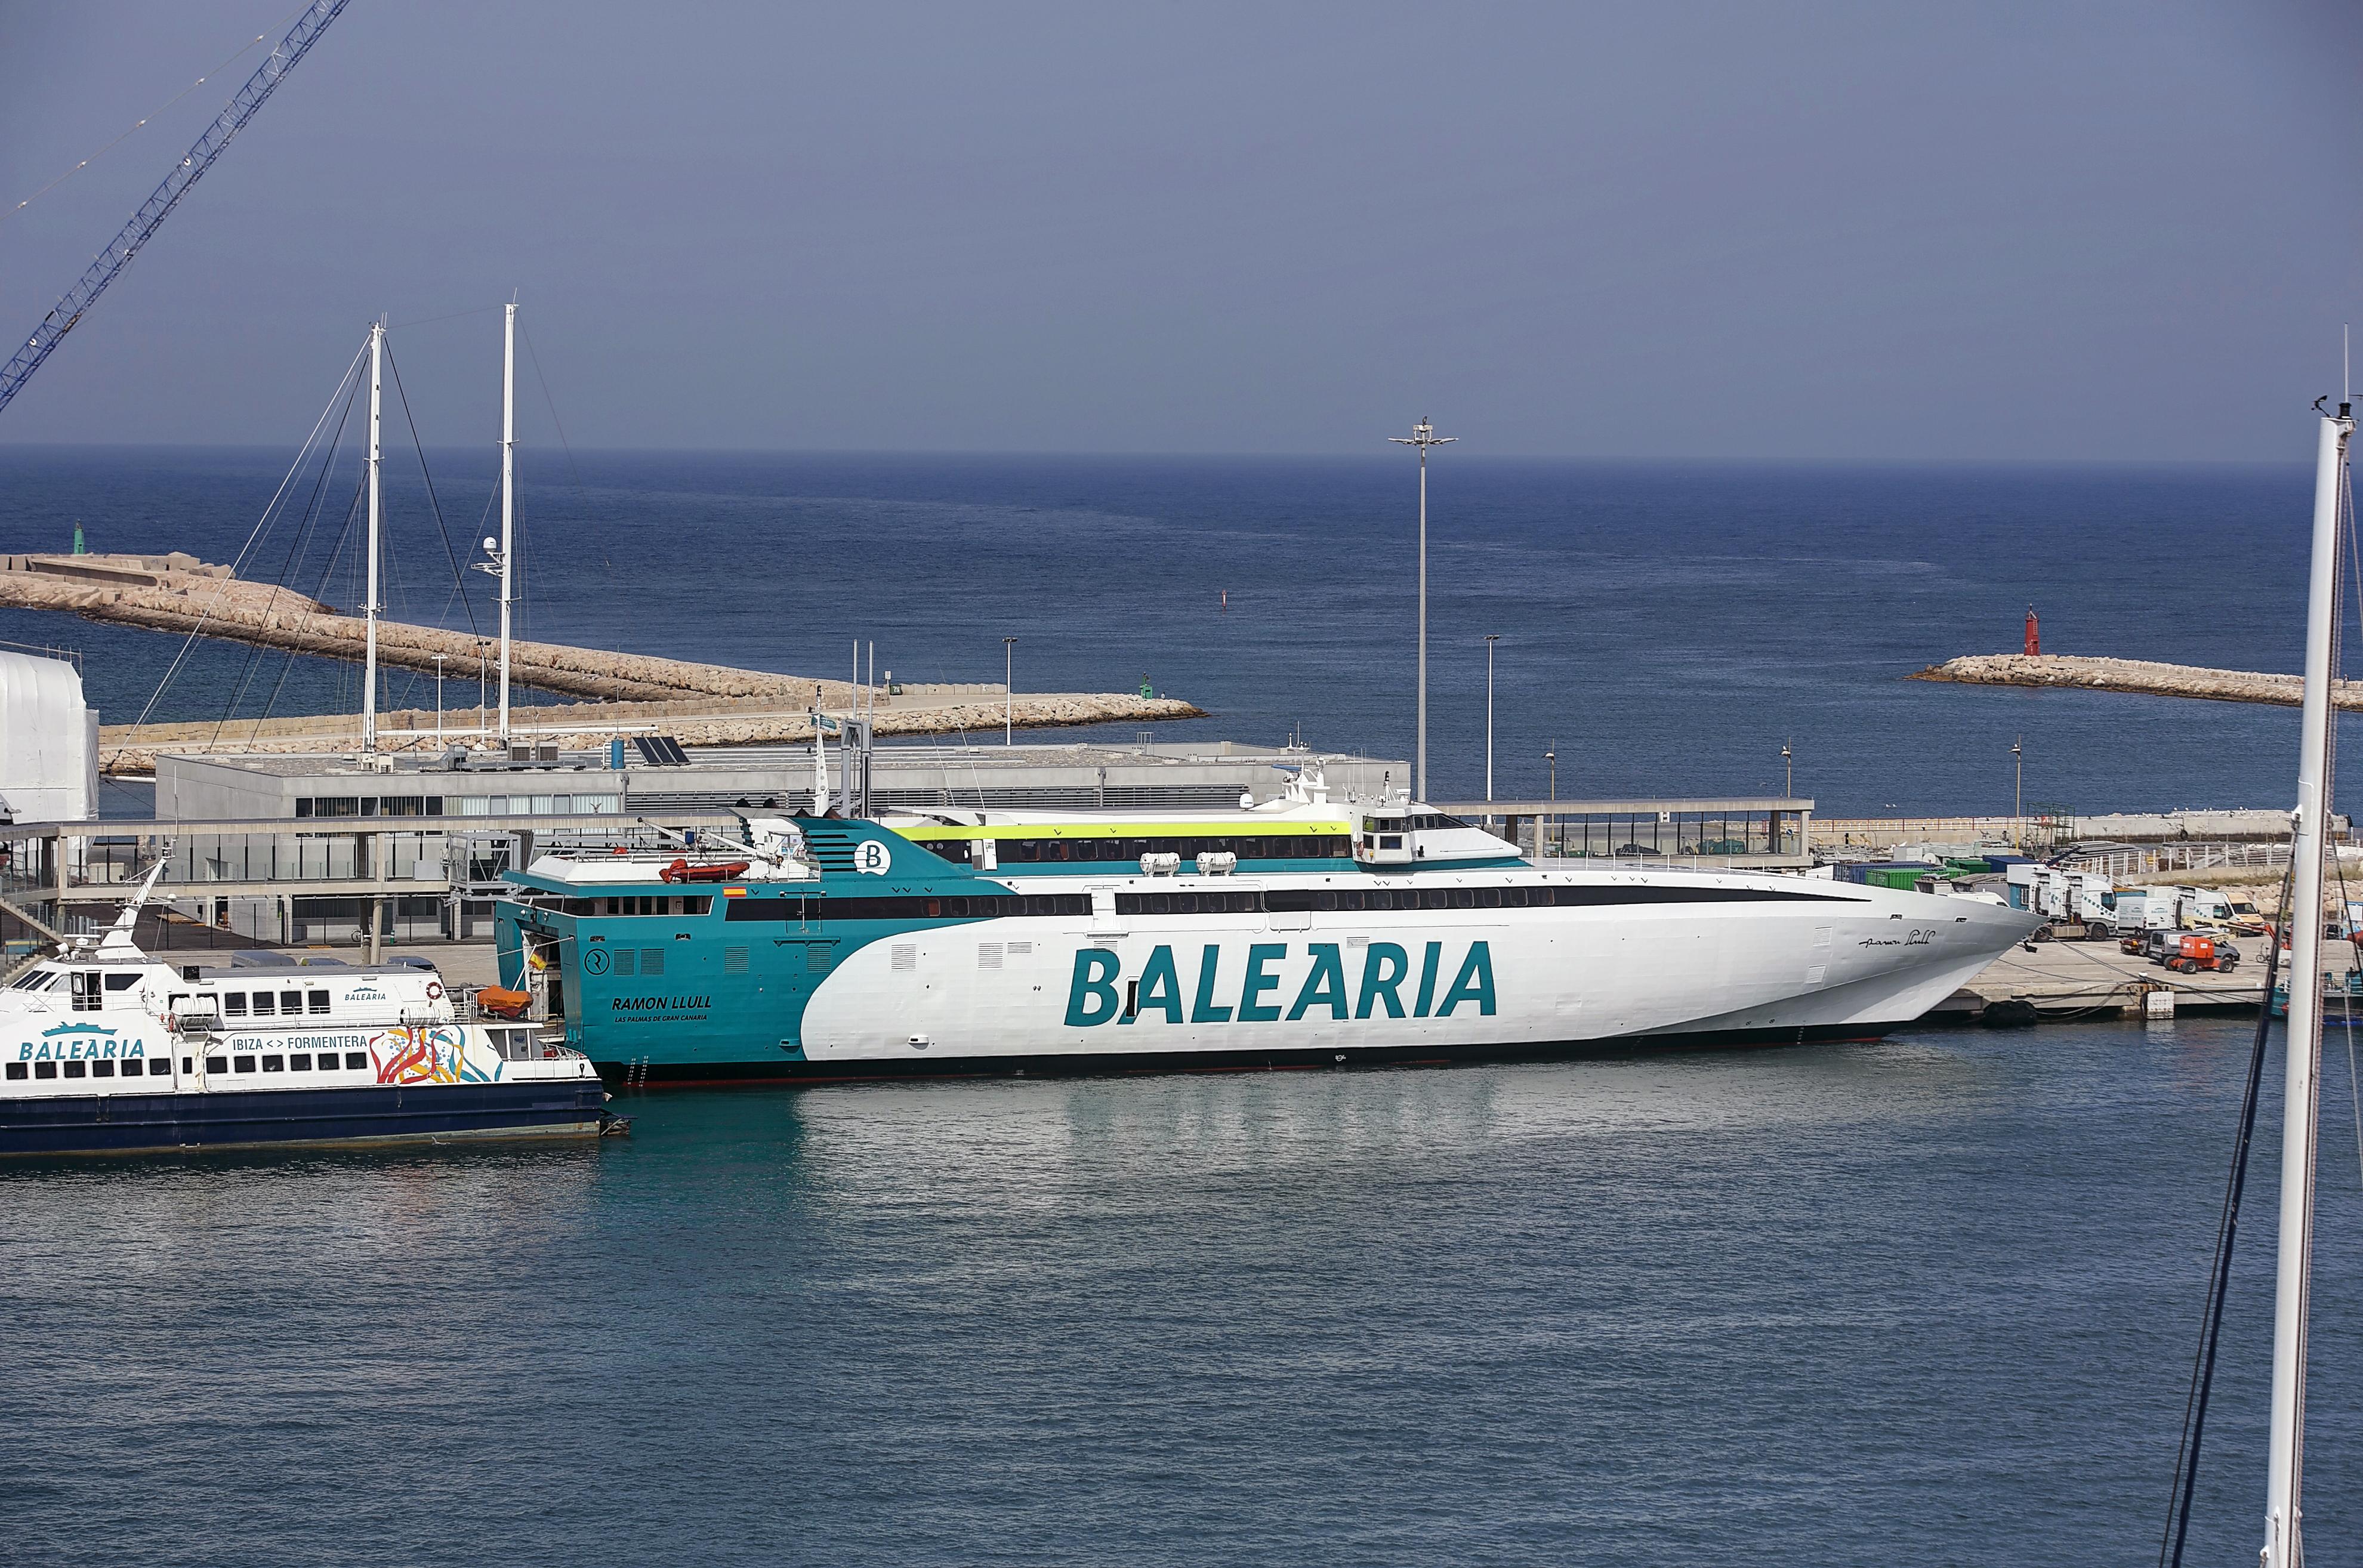 (Español) Baleària retoma la línea directa de alta velocidad entre Dénia y Formentera